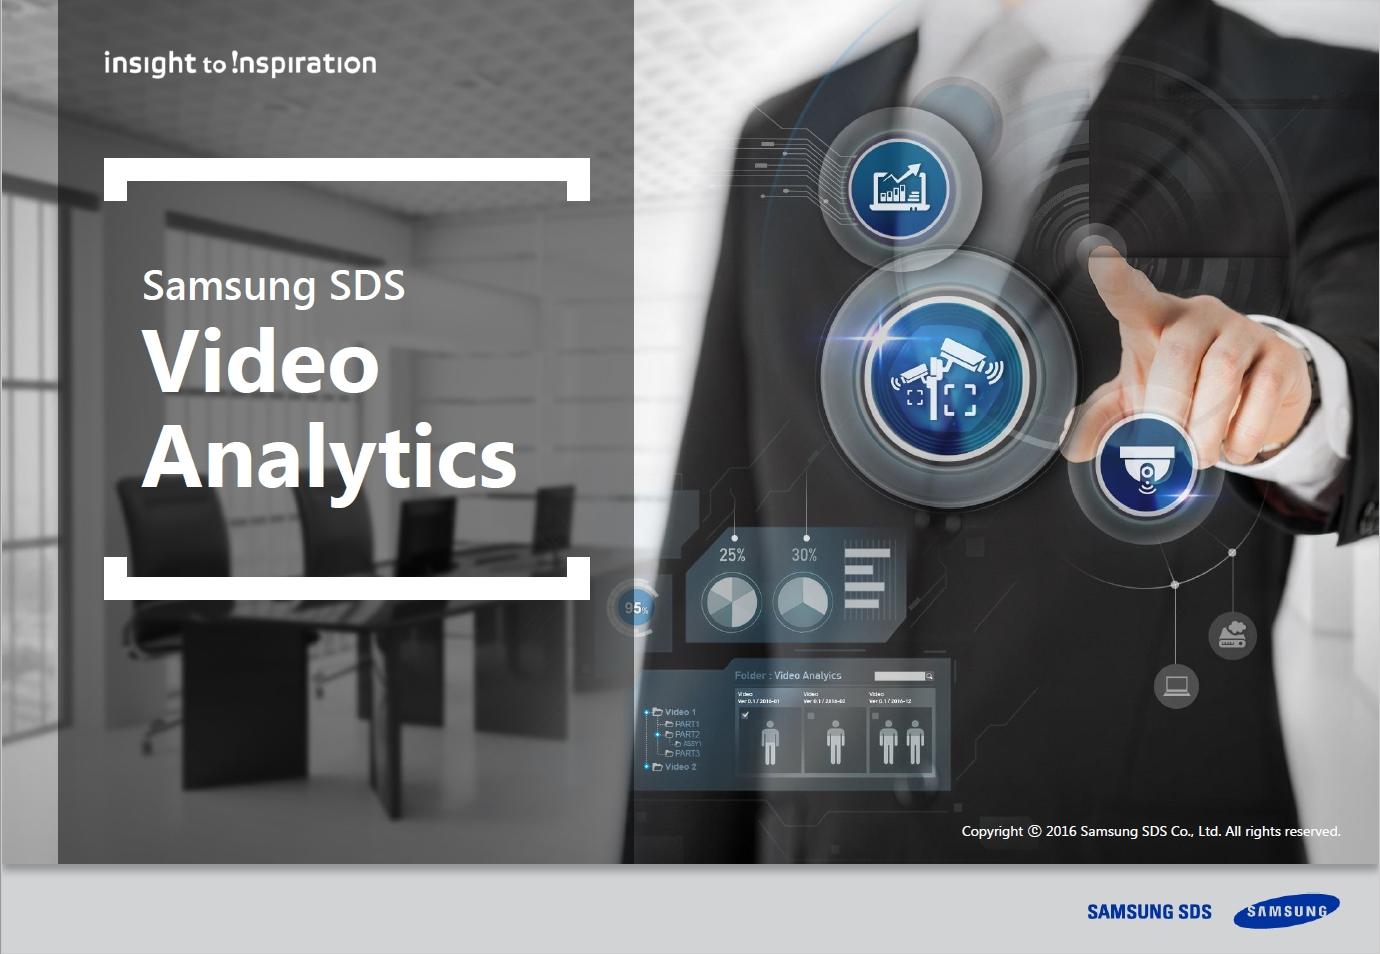 [Video Analytics][PRESENTATION] Aumente a segurança com uma vigilância eficaz (Enhance security with effective surveillance)